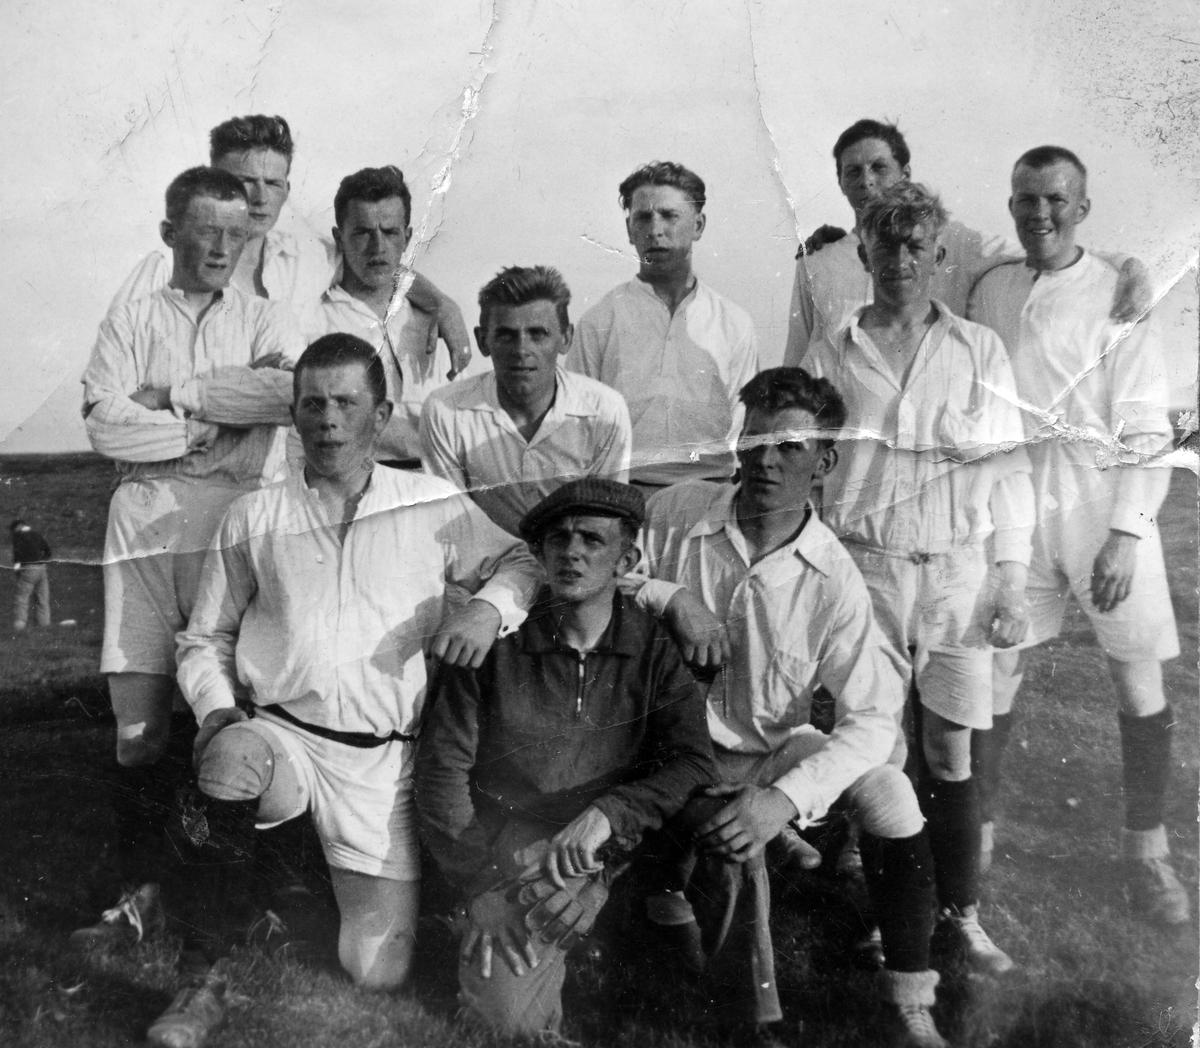 Fotball-laget AIL (Aust-Finnmark Idrettslag). En av spillerne til venstre i bildet er Mathis Henriksen, opprinnelig fra Nesseby. I bakgrunnen ses litt av luftskipsmasta på Vadsø-øya. Bildet er antakelig tatt på fotballbanen på øya, ca. 1935.